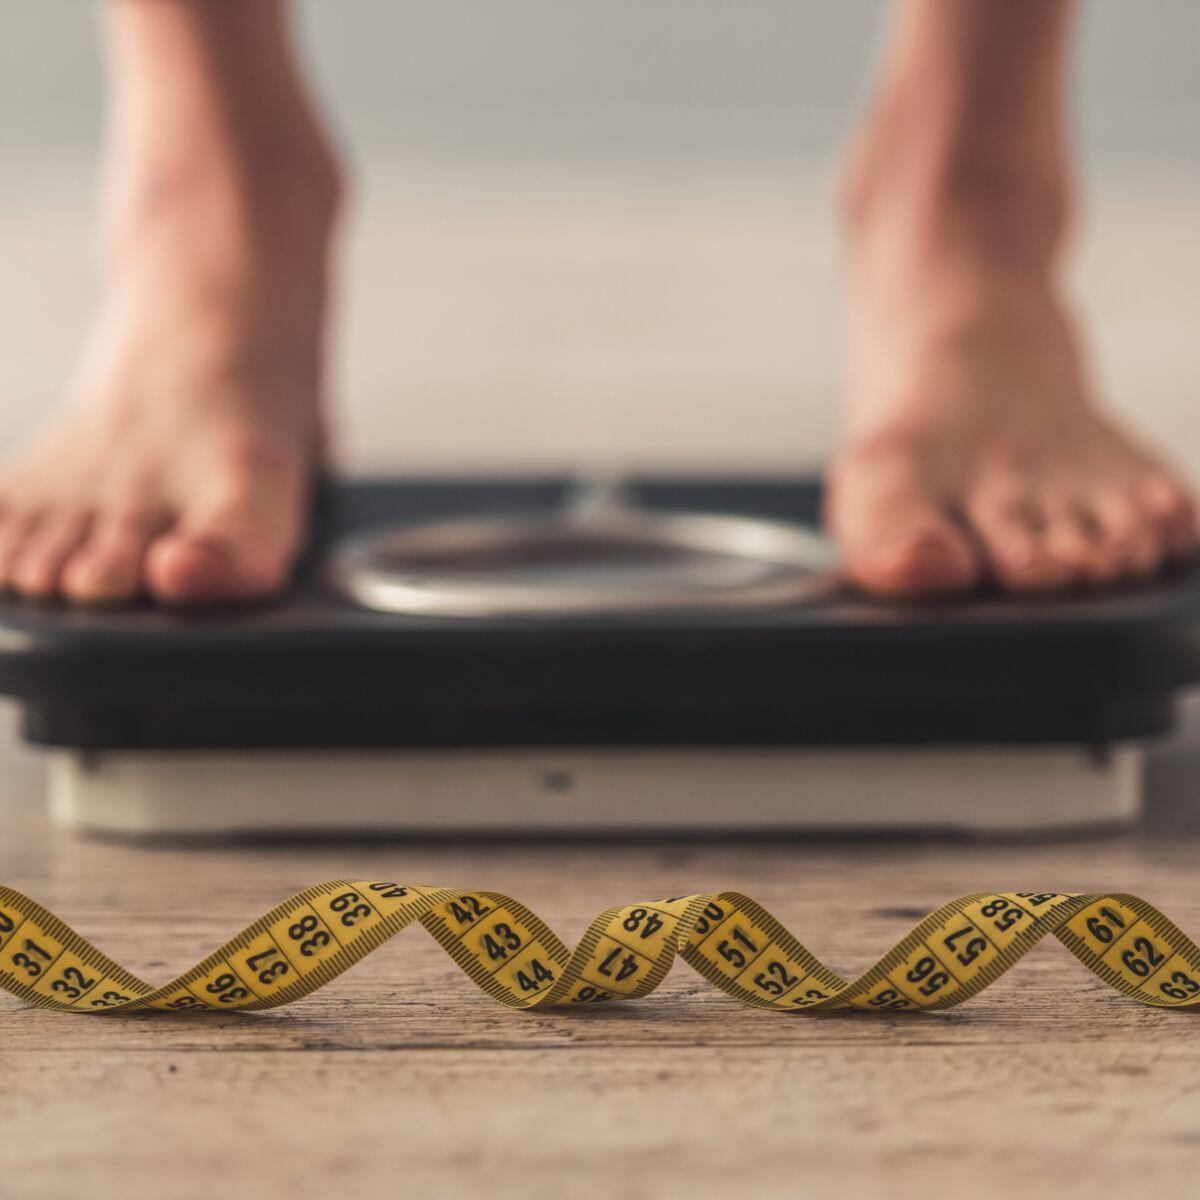 raison la plus courante de perte de poids inexpliquée perte de poids pour les vieilles dames